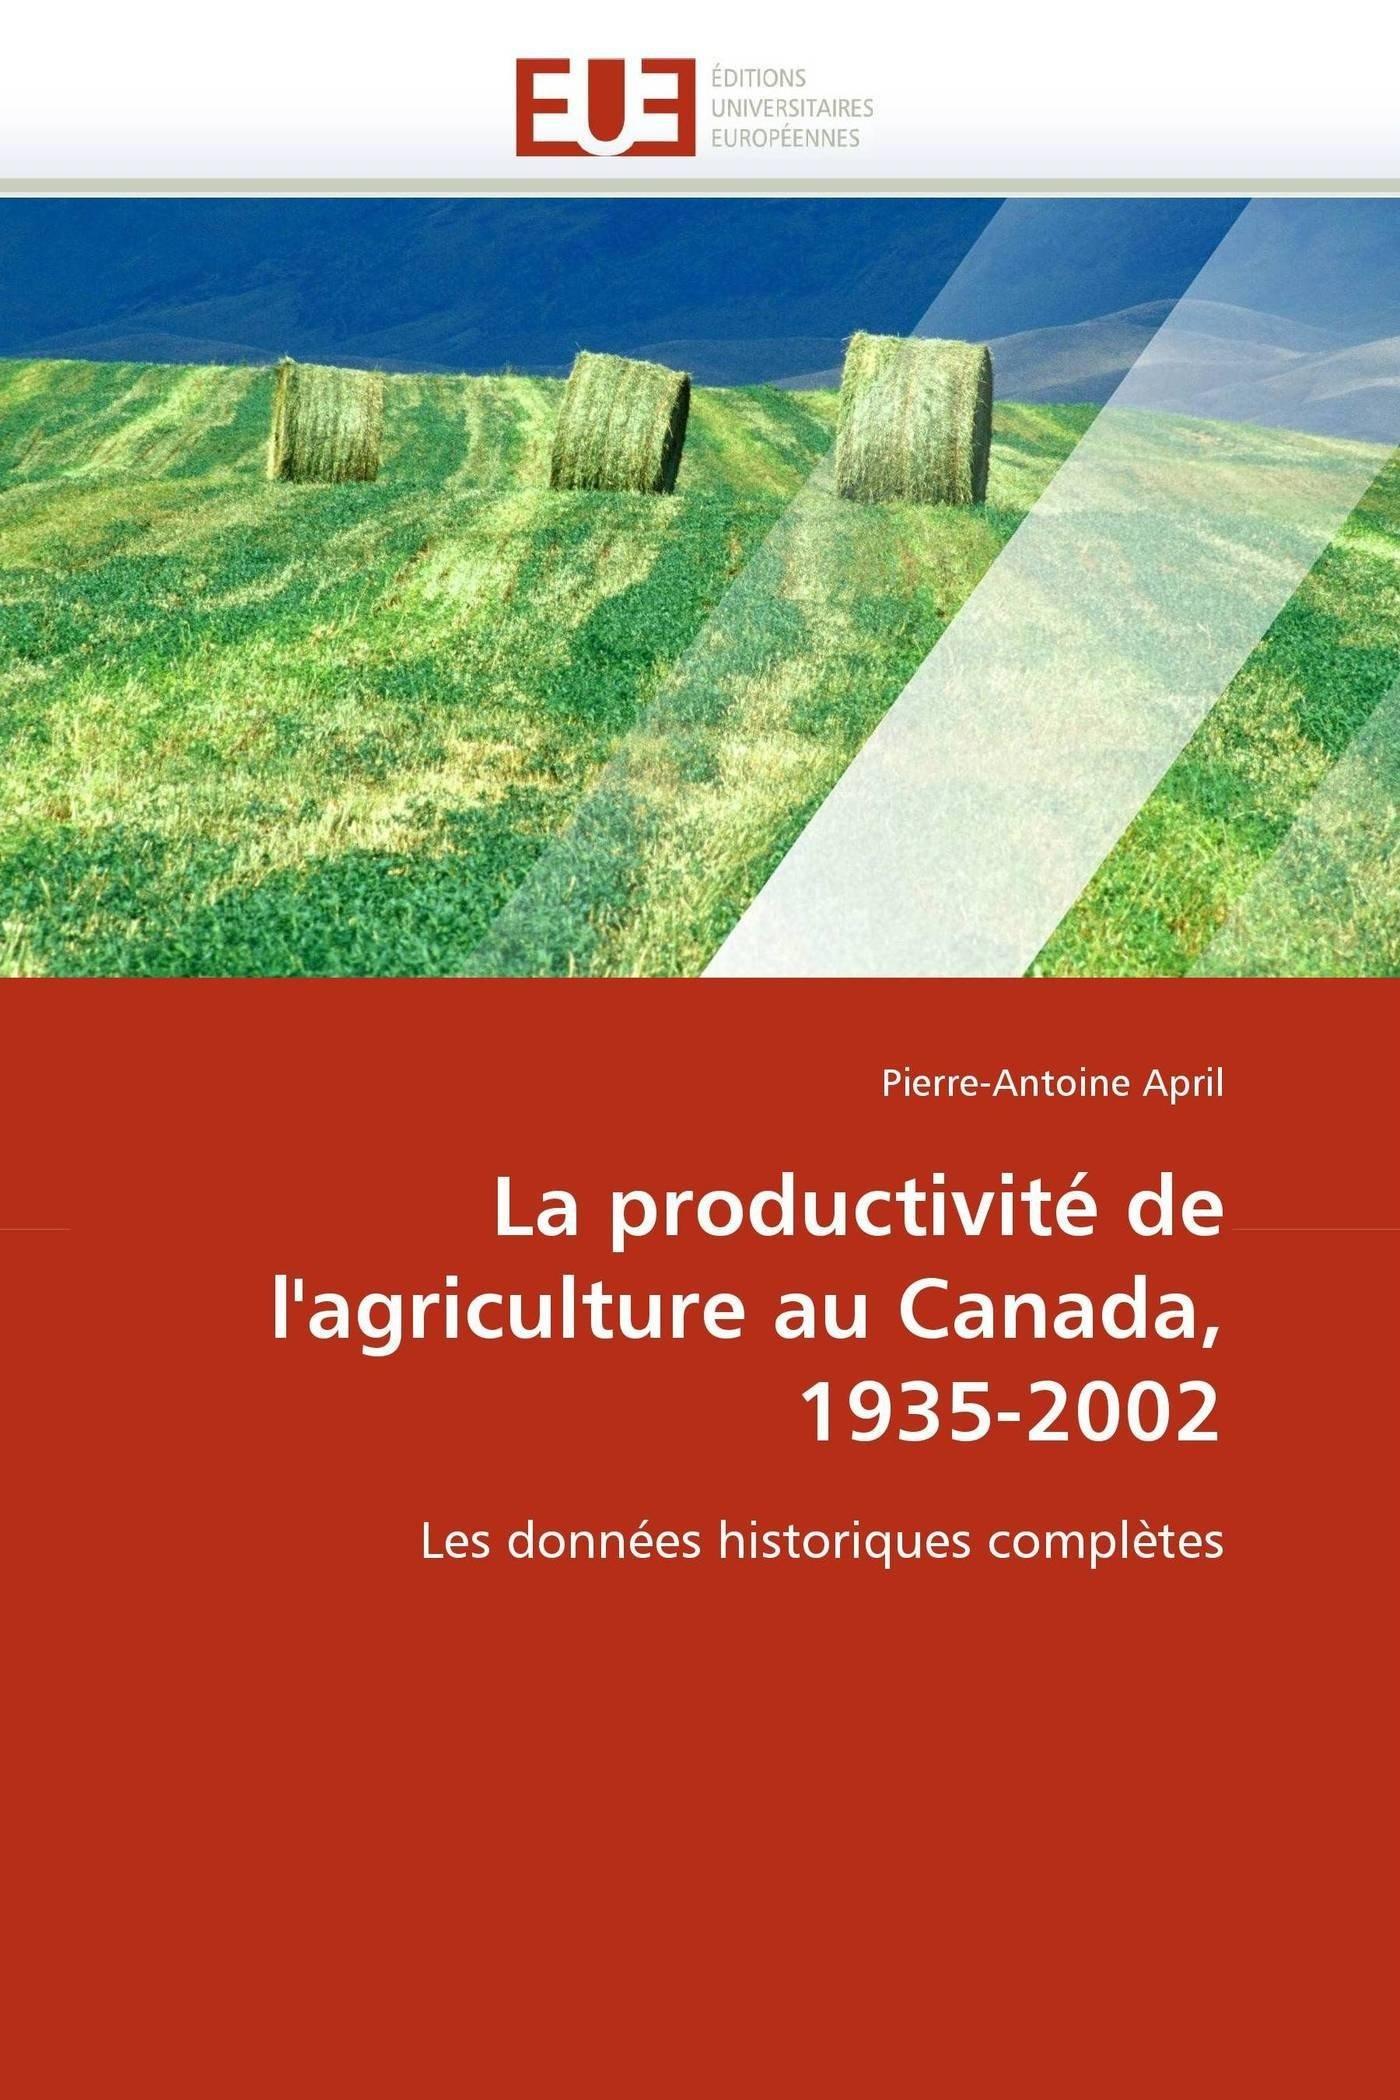 La Productivit De Lagriculture Au Canada 1935 2002 Les Donnes Historiques Compltes OmnUnivEurop French Edition Paperback January 18